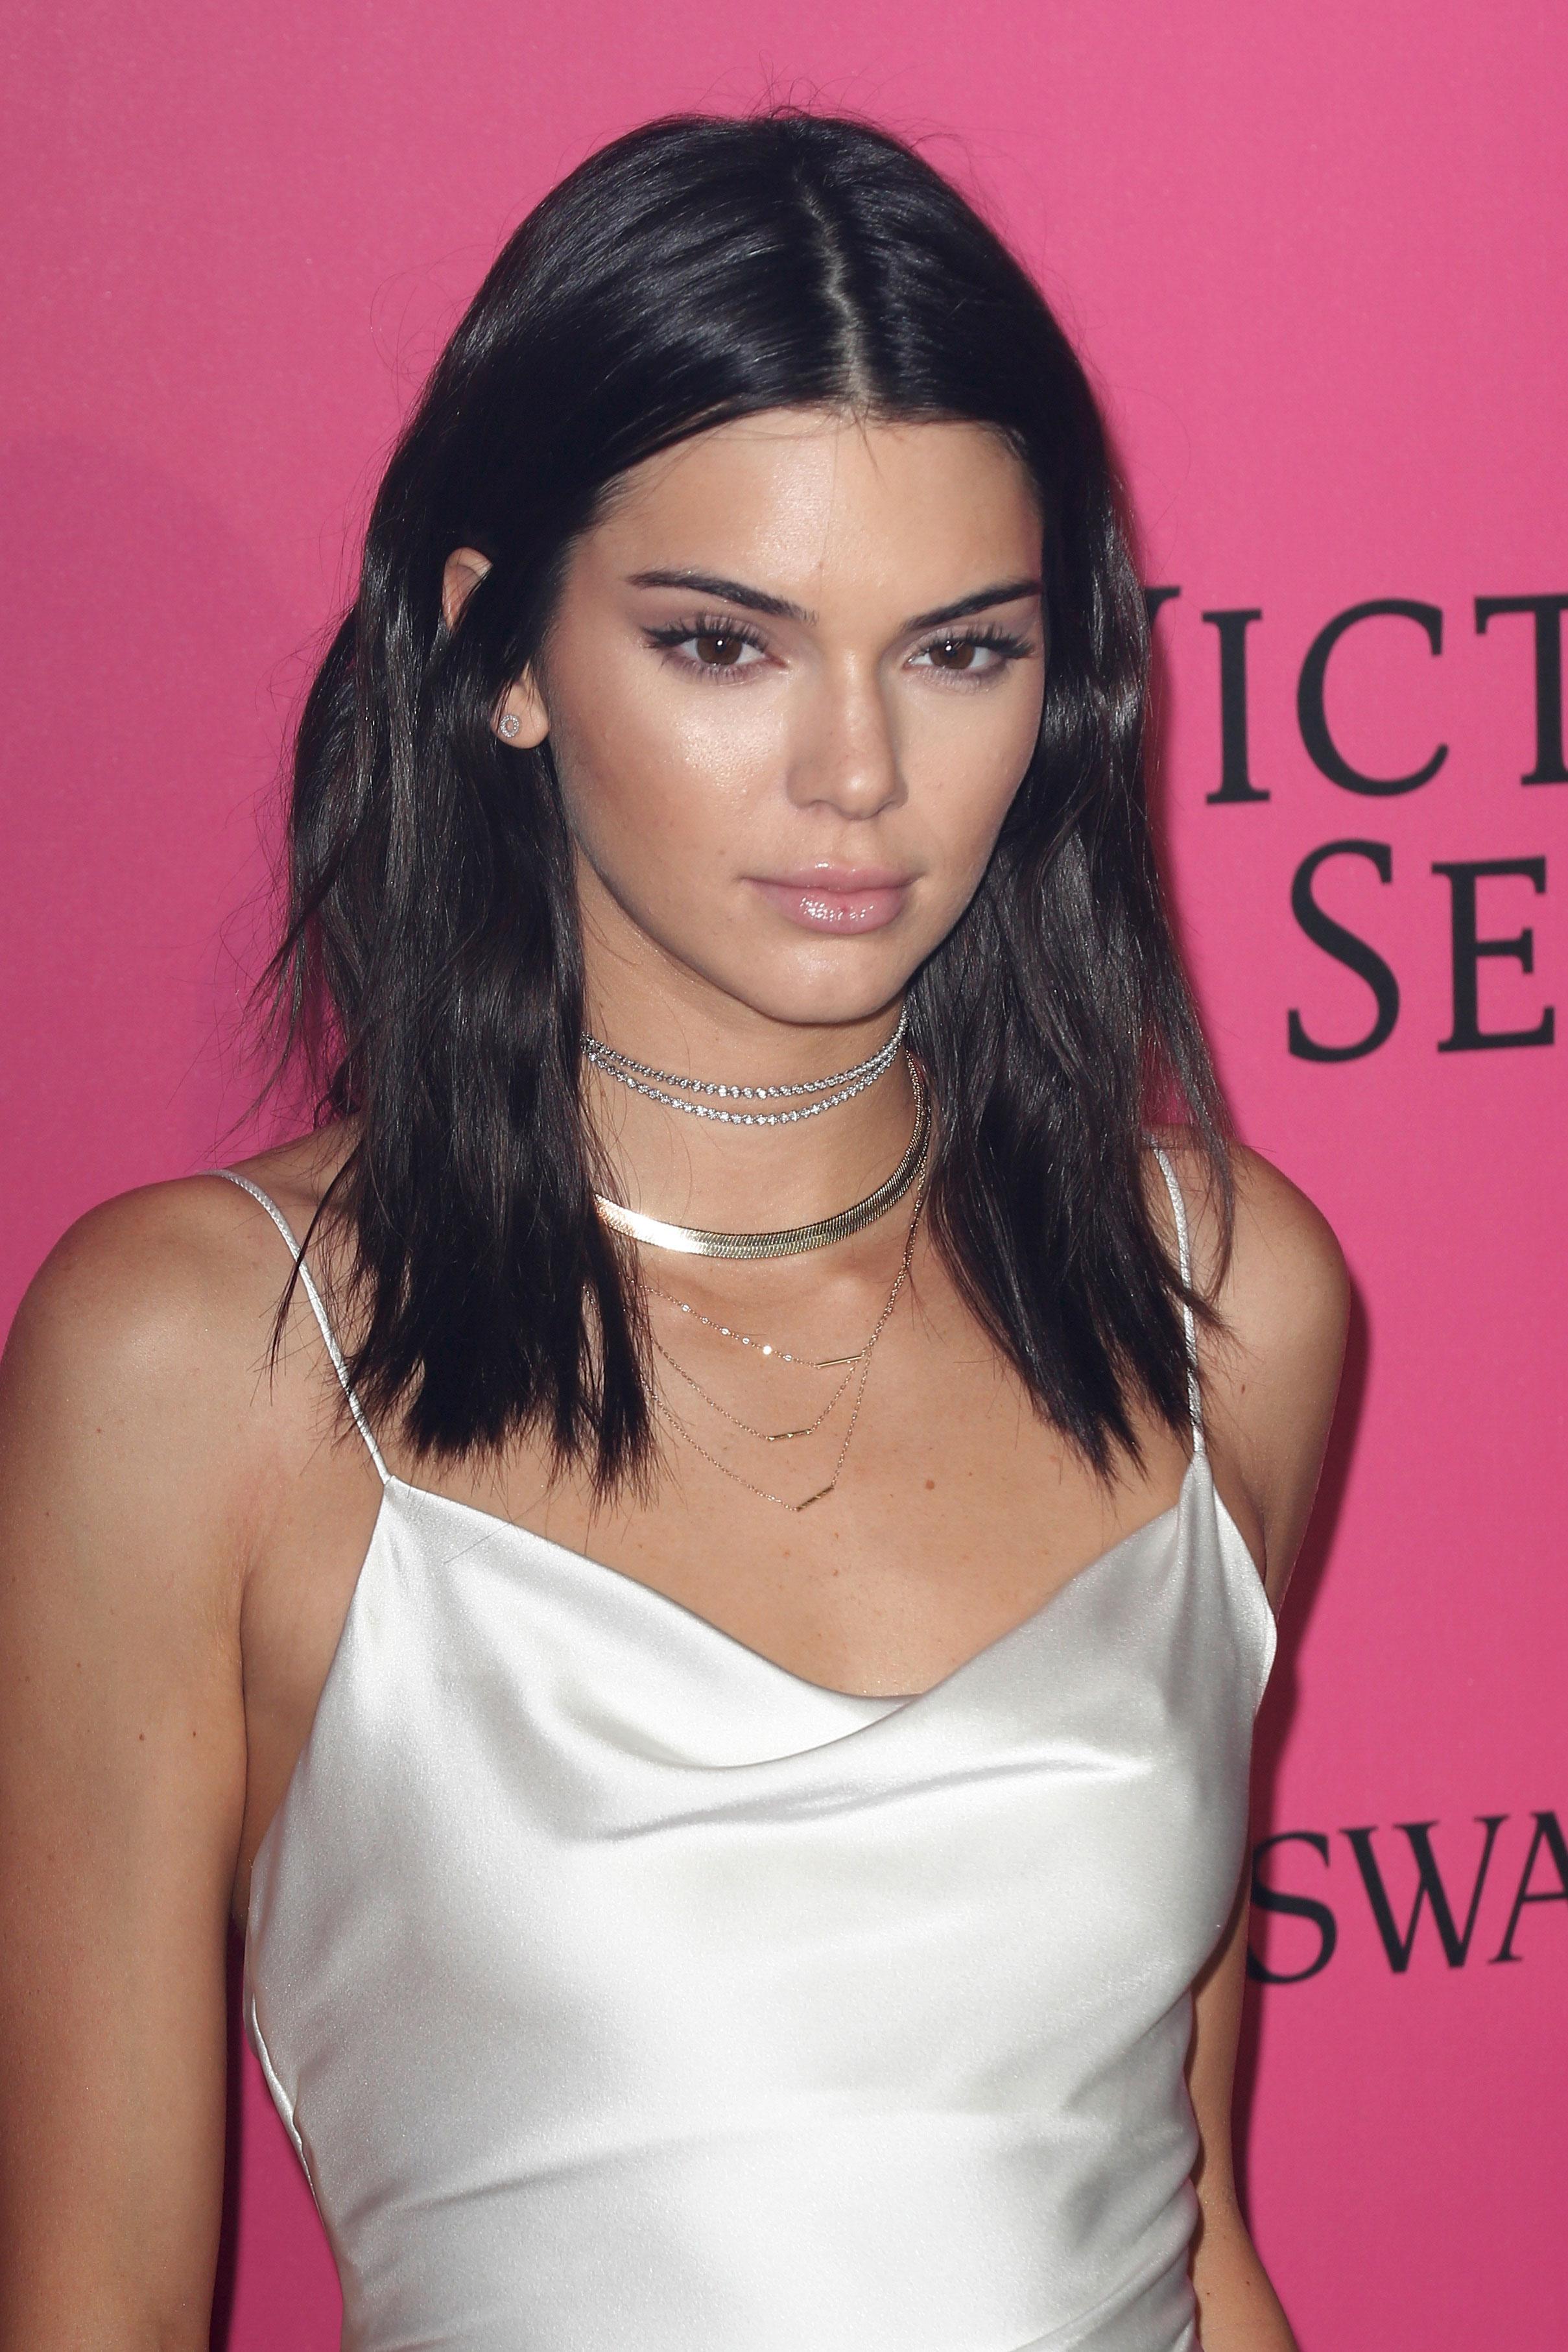 Image Result For Kylie Jenner Naked